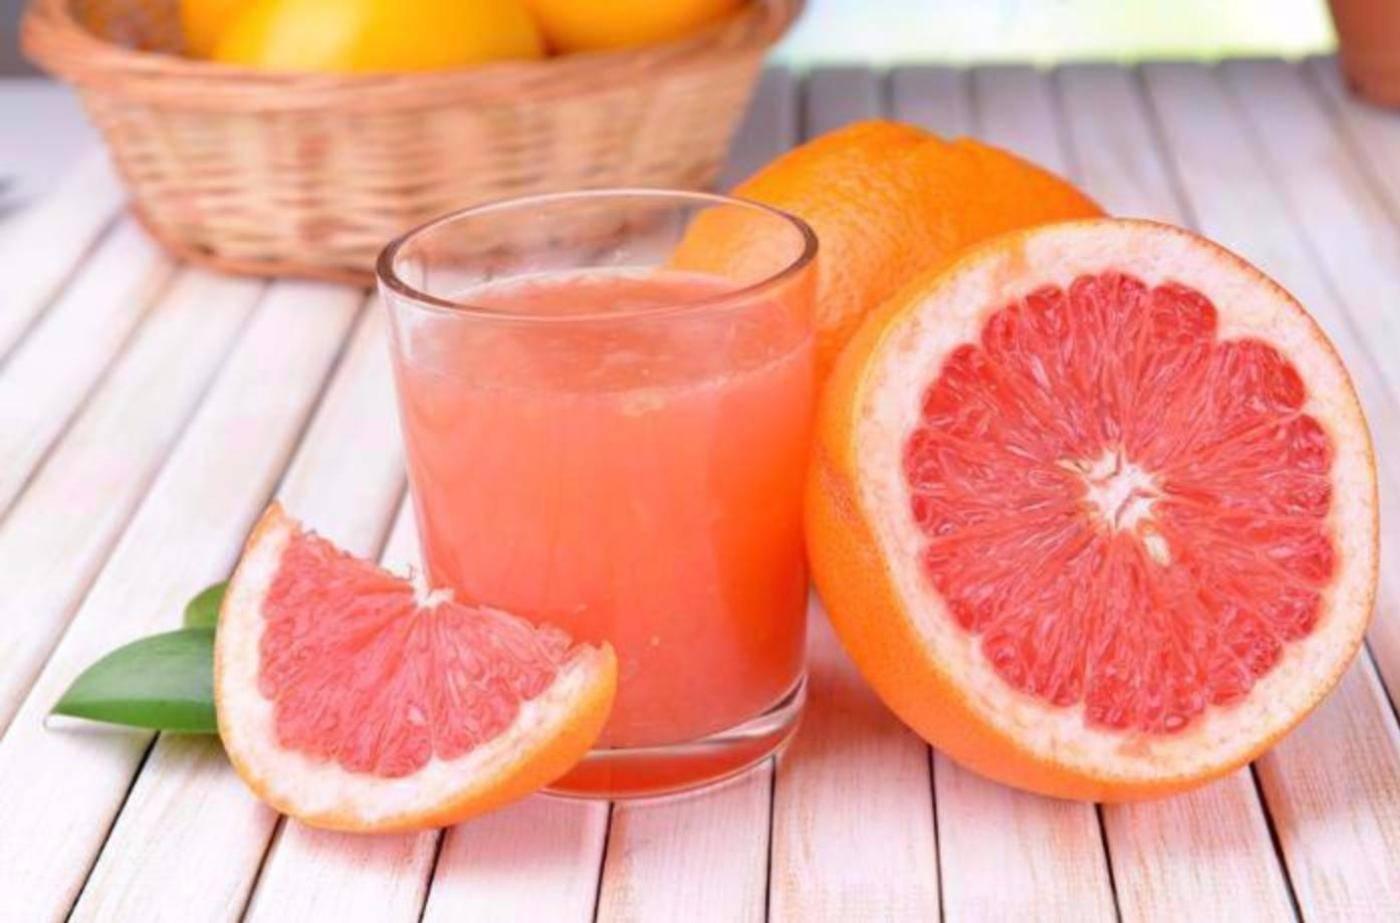 Грейпфрут — польза и чем вреден для организма человека